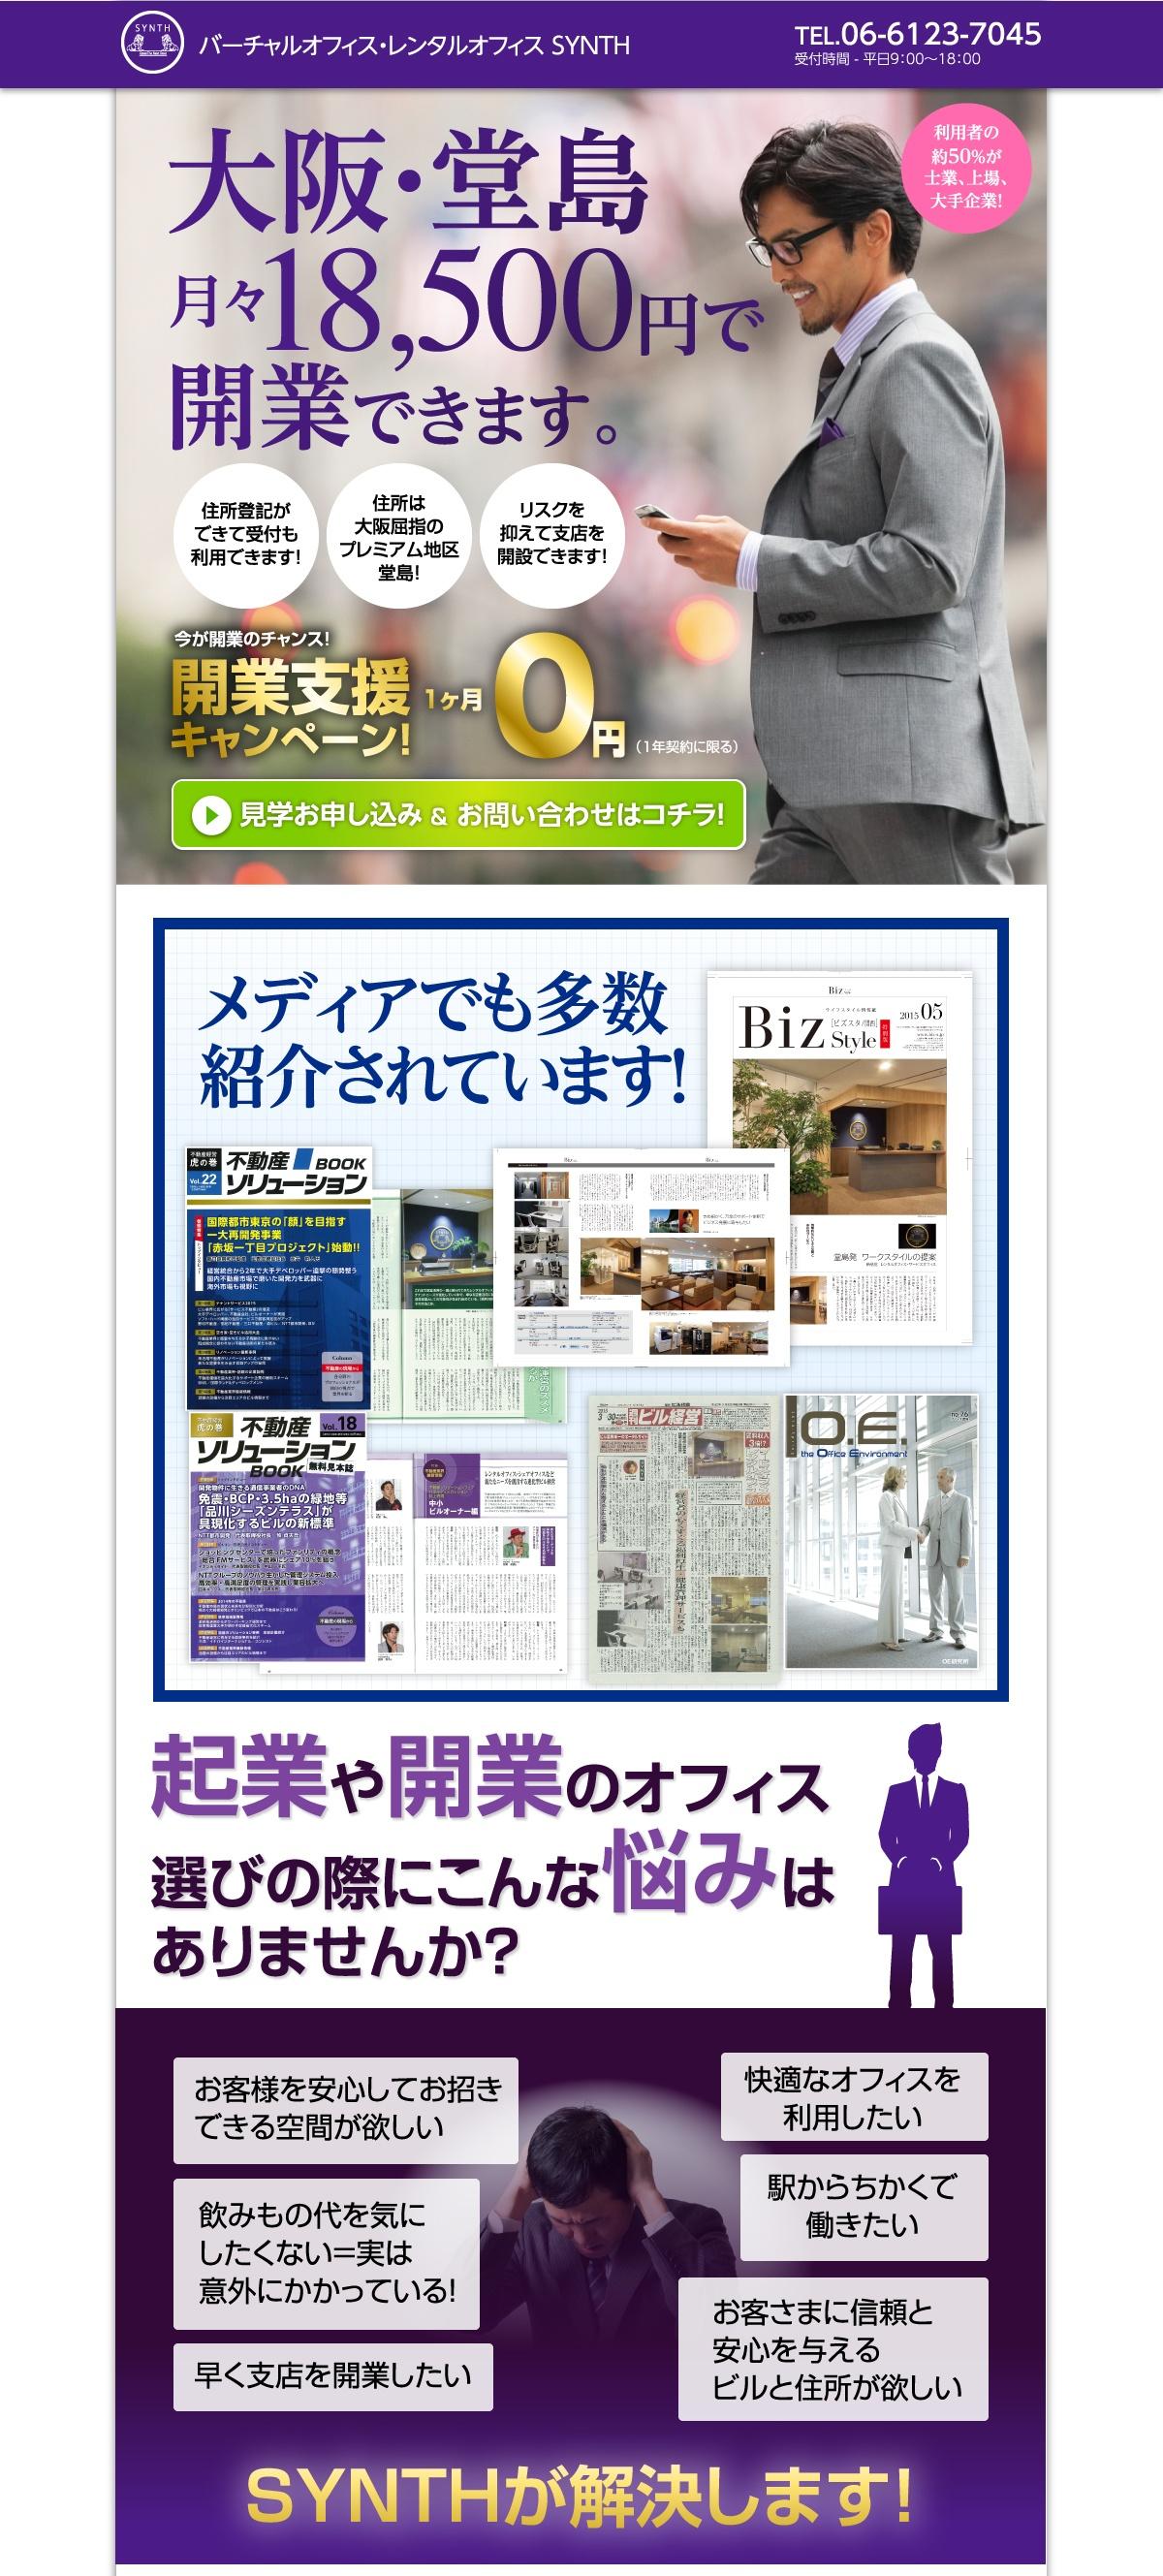 デジタルとアナログから集客する、二つのマーケティング活動